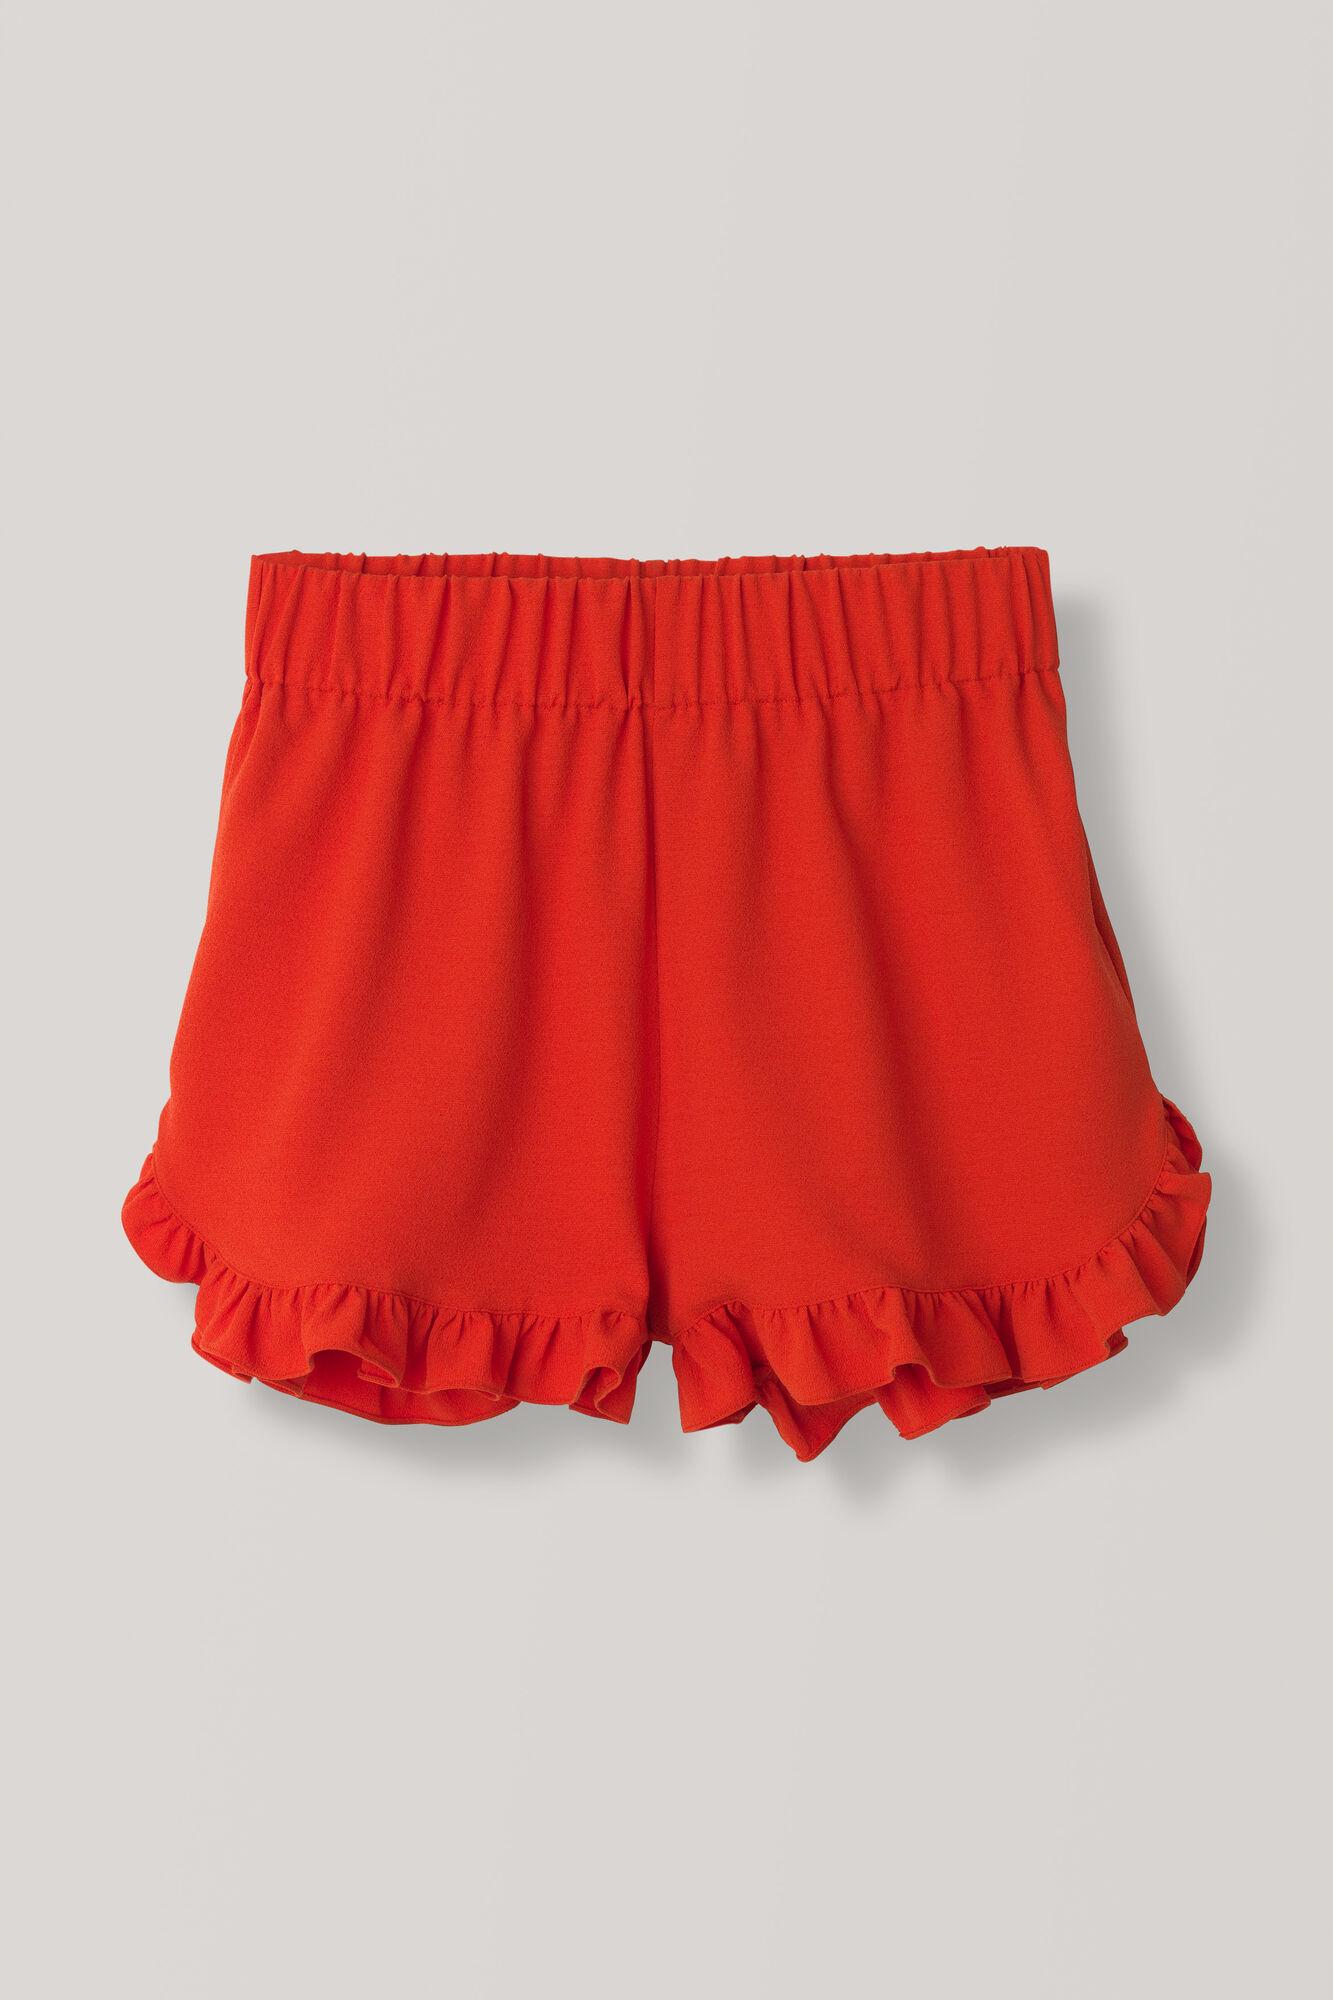 Clark Shorts, Big Apple Red, hi-res